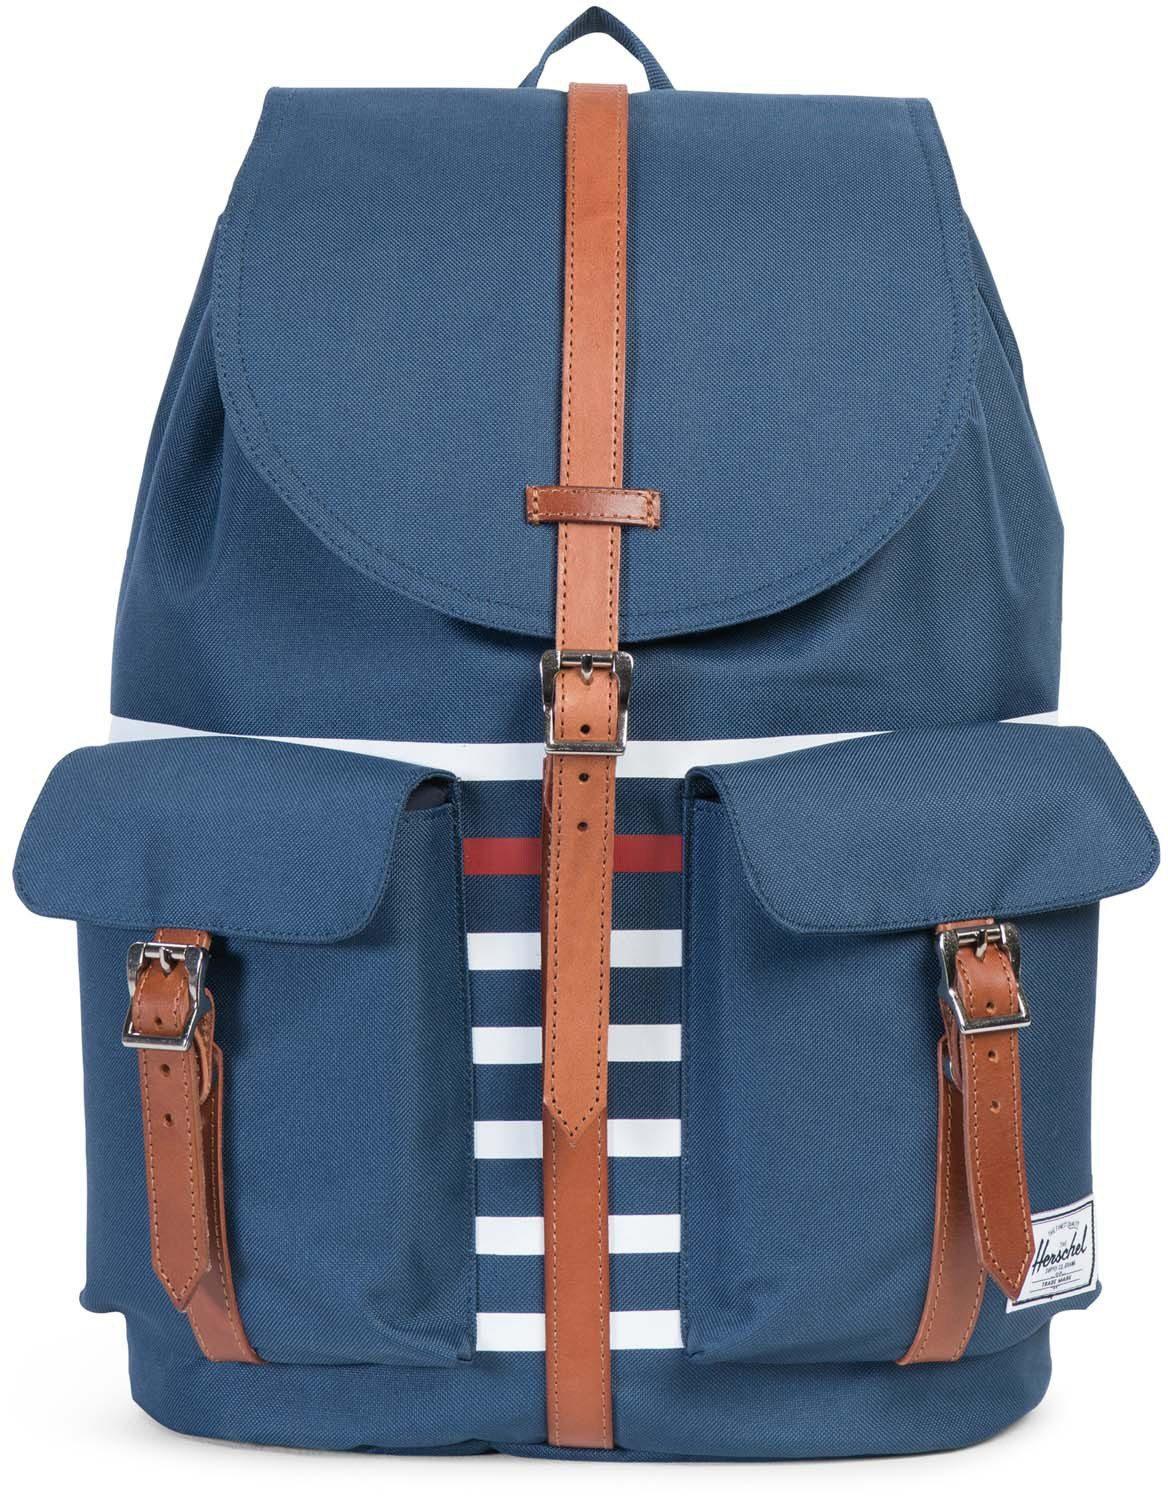 Herschel Rucksack mit Laptopfach und Lederriemen, »Dawson Backpack, Navy Offset Stripe«